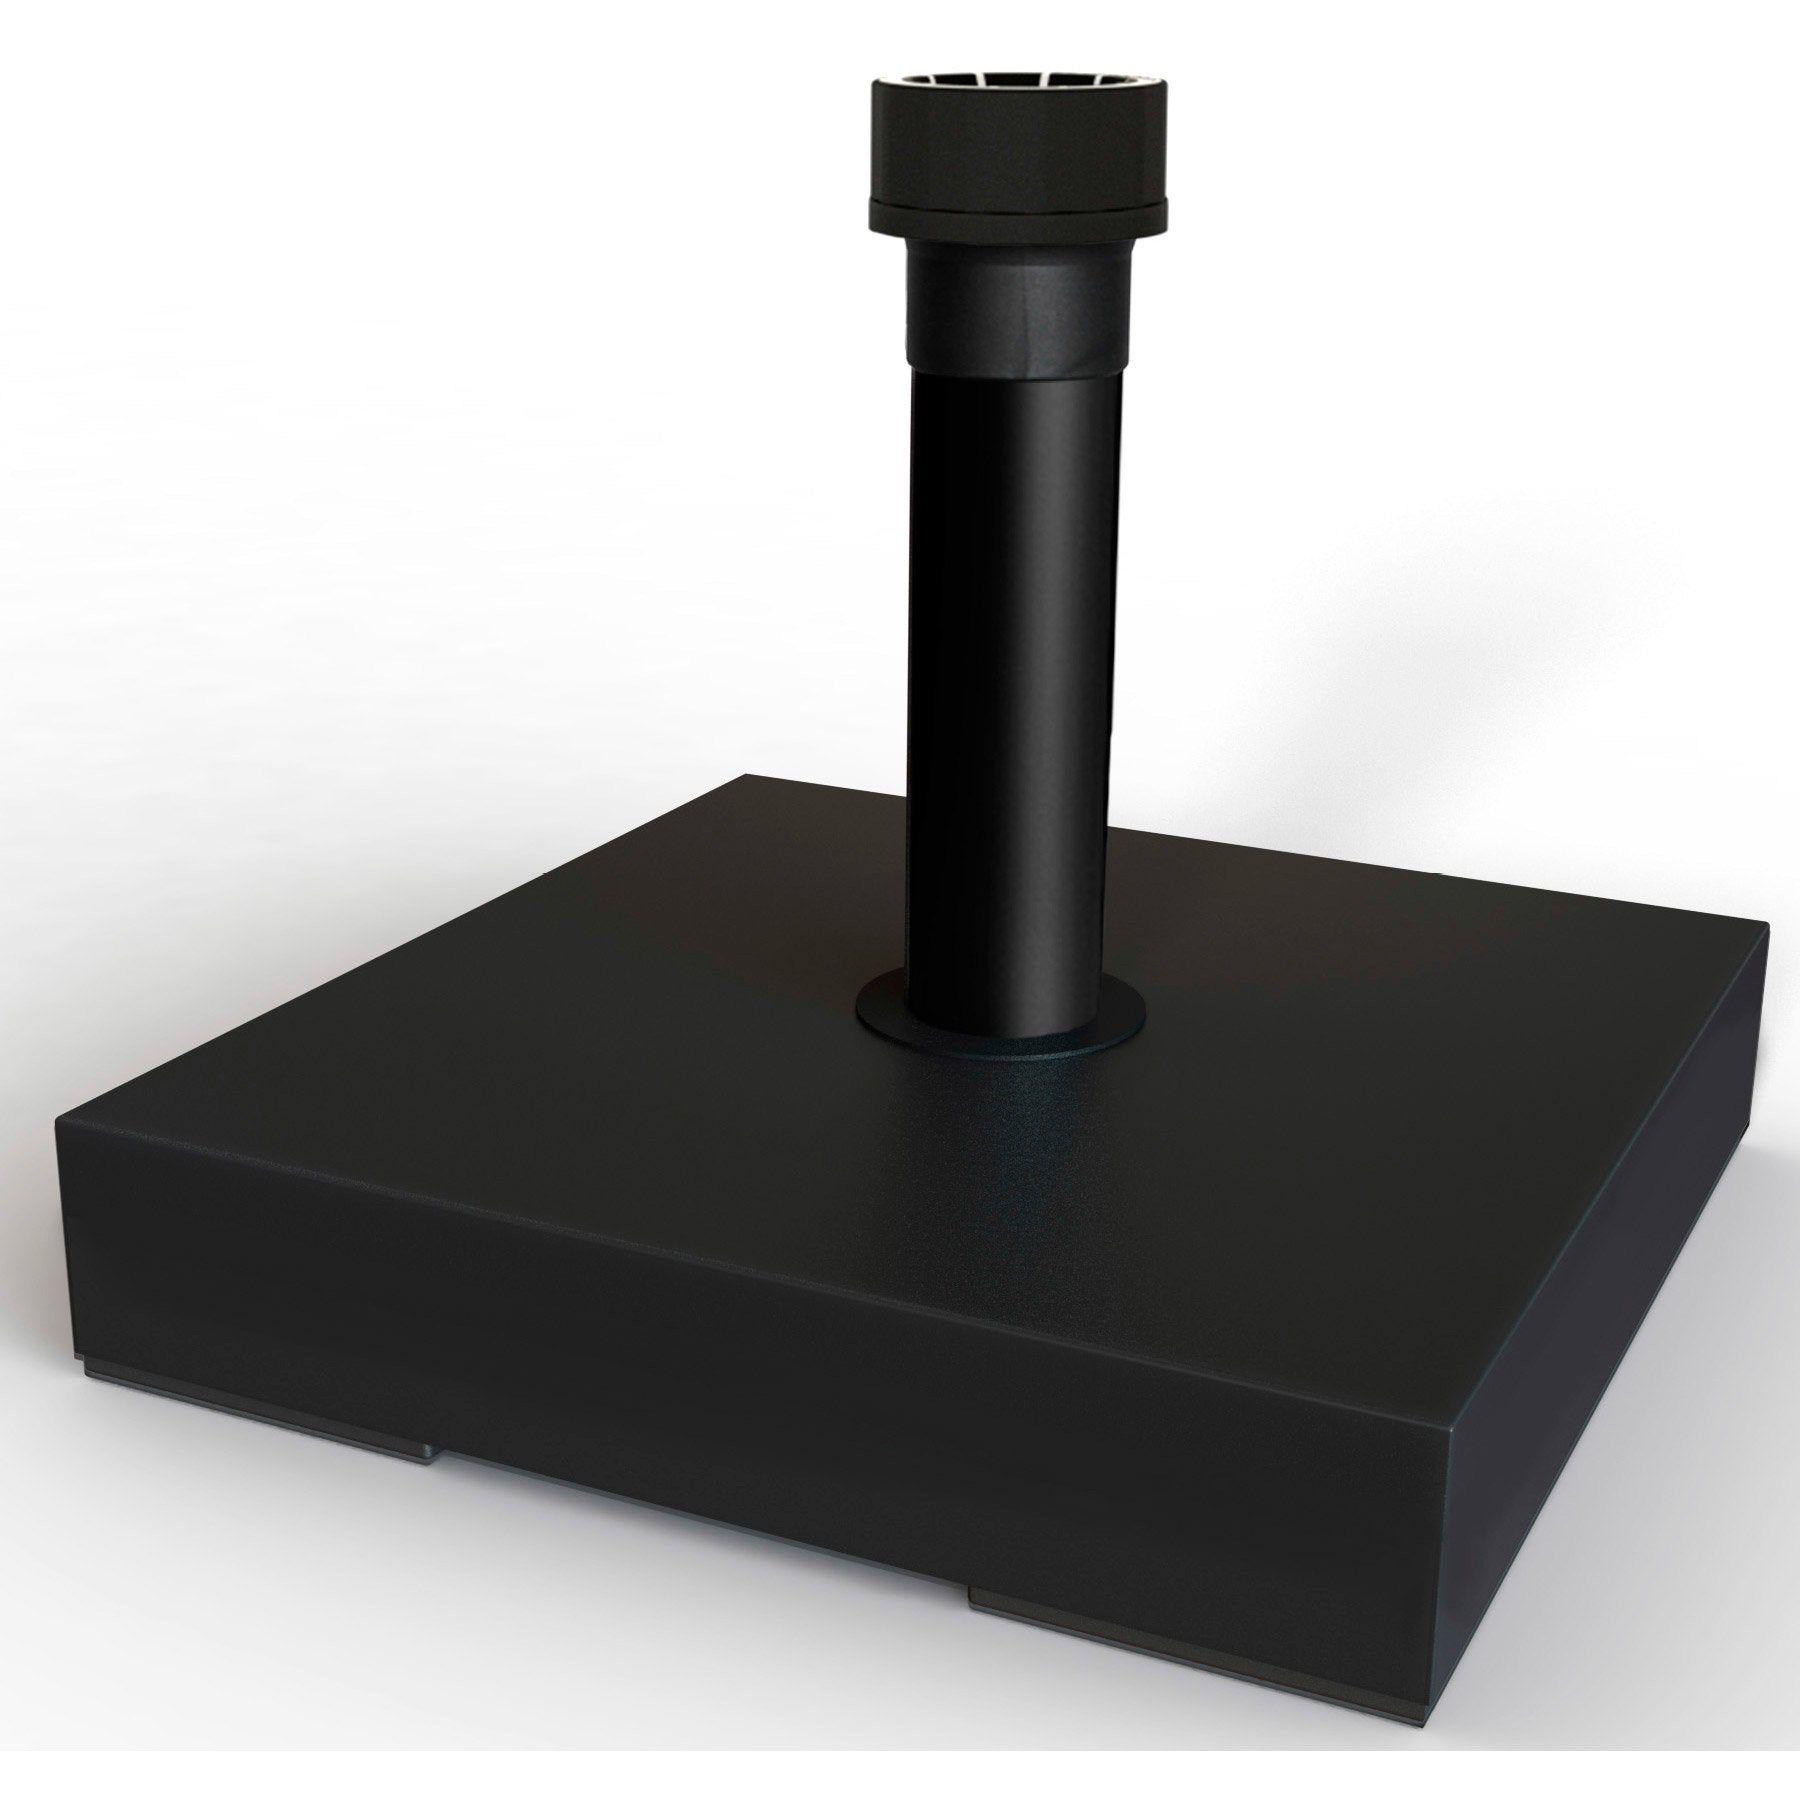 Pied de parasol lesté noir HELCOSOL en 2020   Parasol, Pieds